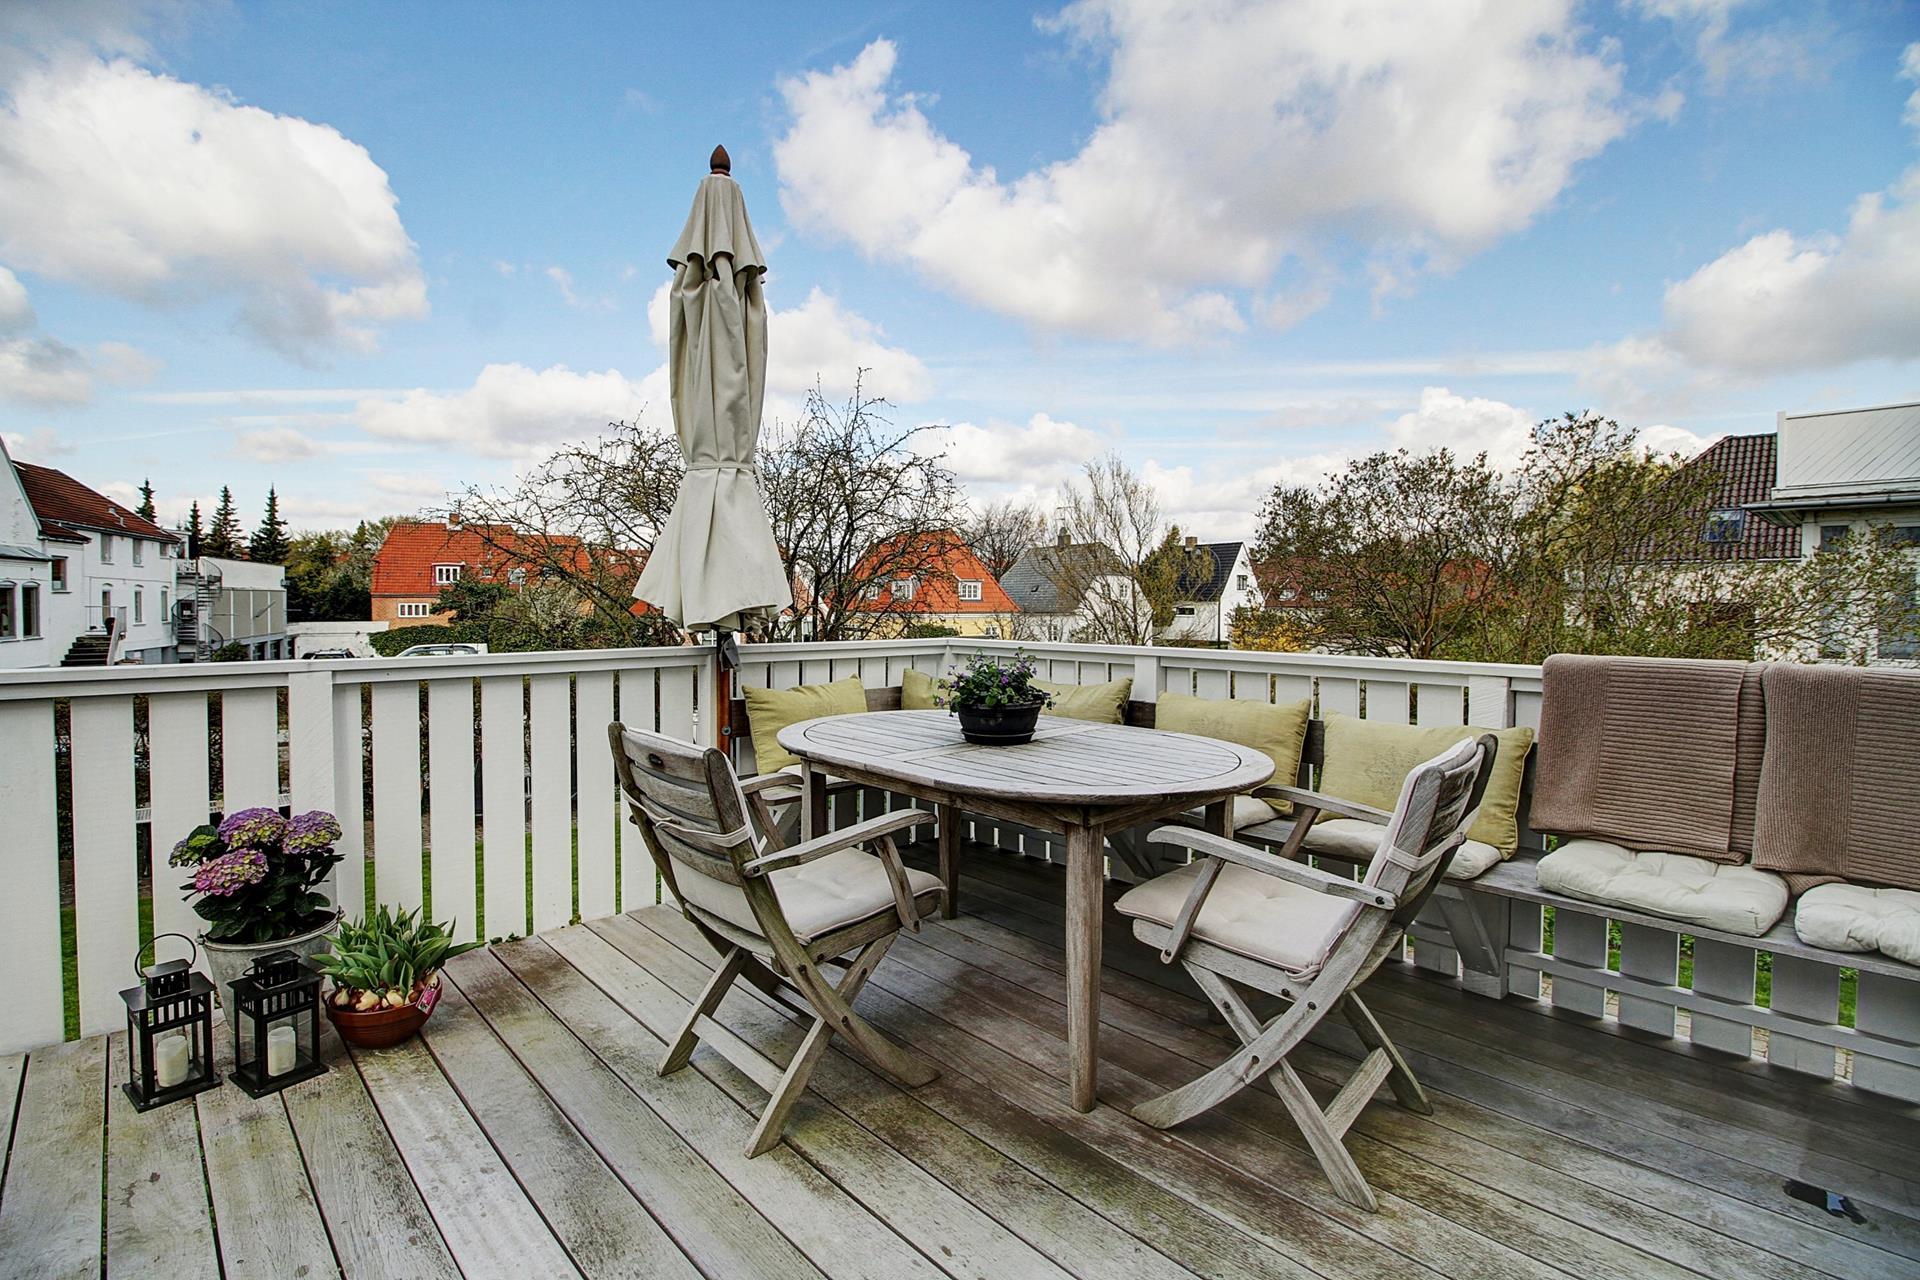 Villalejlighed på Søtoften i Gentofte - Terrasse